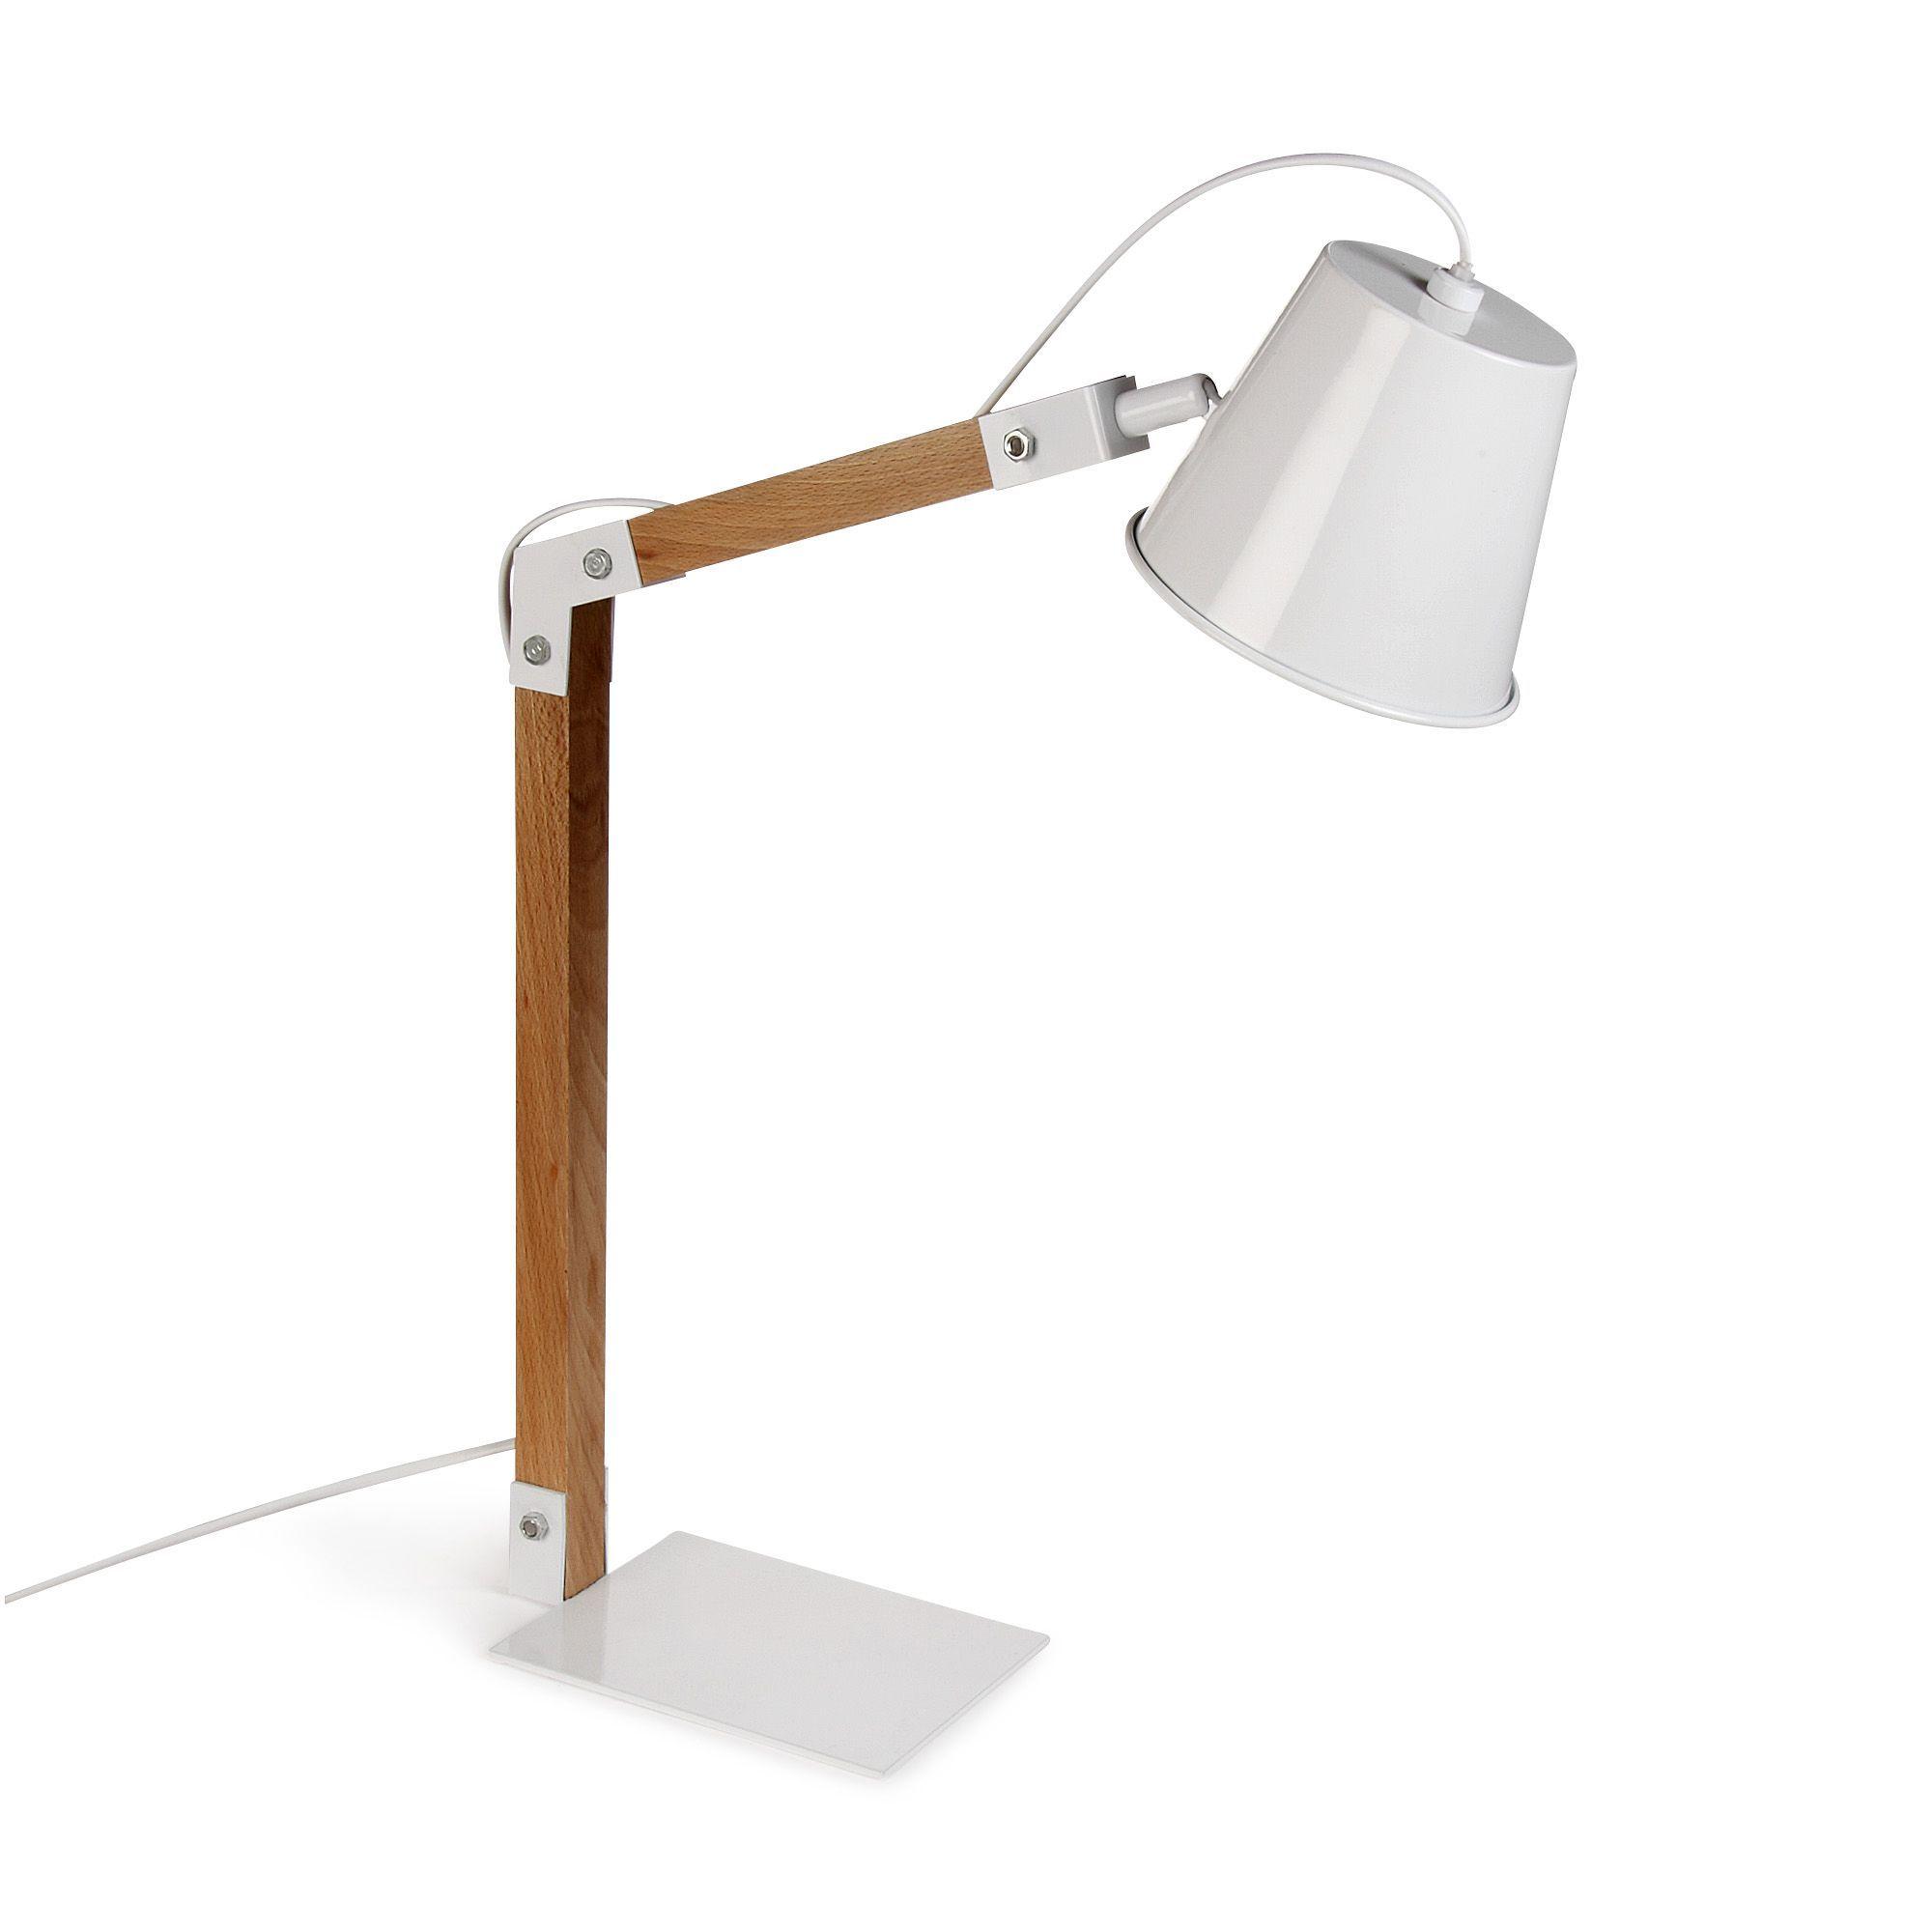 Lampe  poser ACIER BOIS H58cm Blanche Kup Les lampes  poser